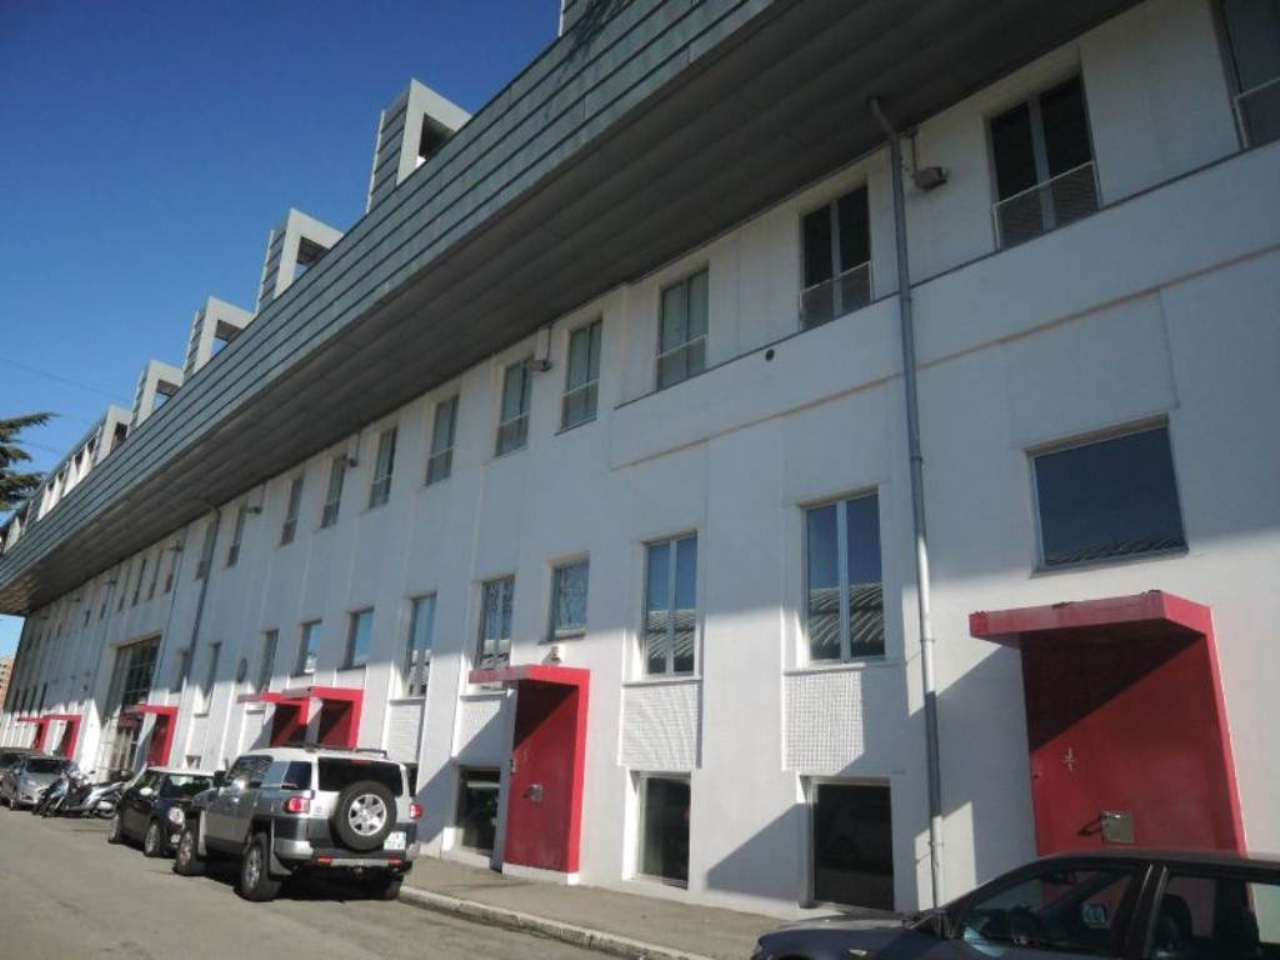 Loft / Openspace in vendita a Milano, 4 locali, zona Zona: 3 . Bicocca, Greco, Monza, Palmanova, Padova, prezzo € 495.000 | Cambio Casa.it